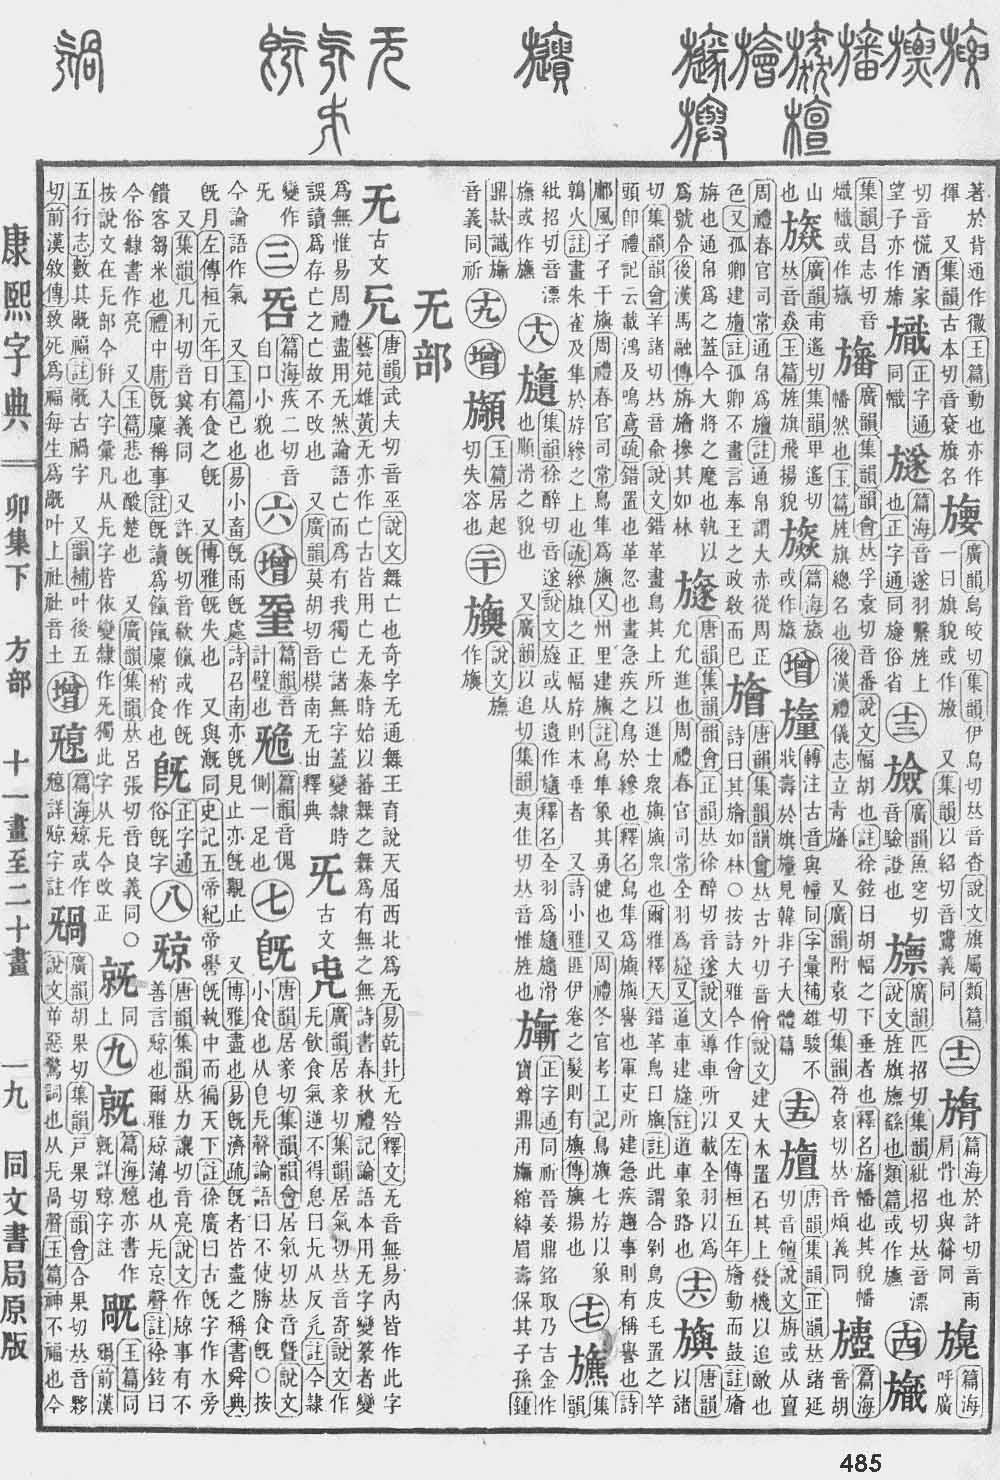 《康熙字典》第485页